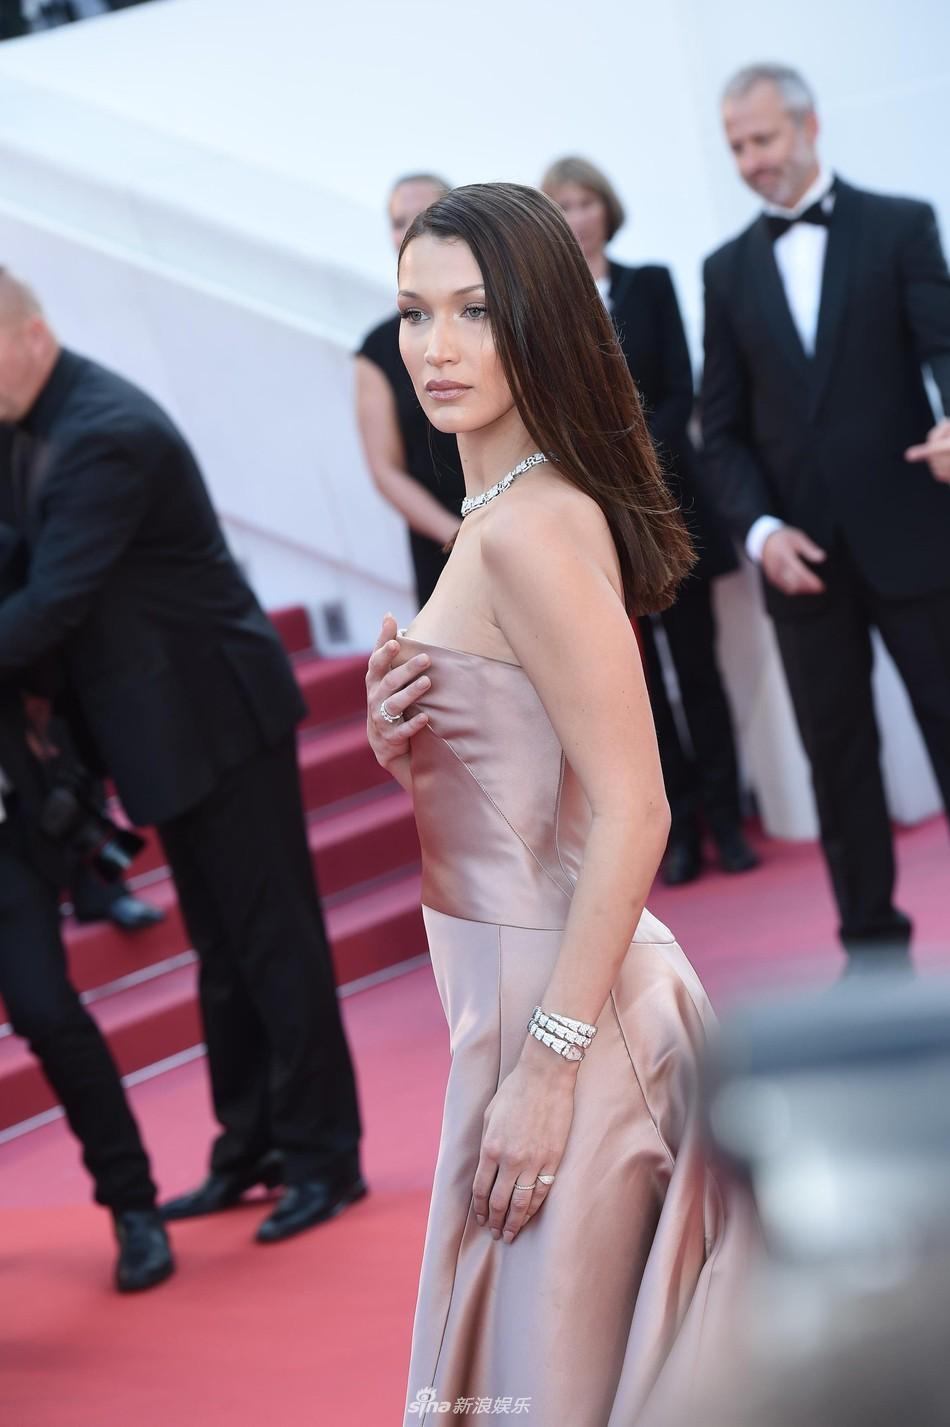 Thảm đỏ Cannes: Đây mới chính là nữ hoàng Phạm Băng Băng mà tất cả cùng mong chờ! - Ảnh 22.